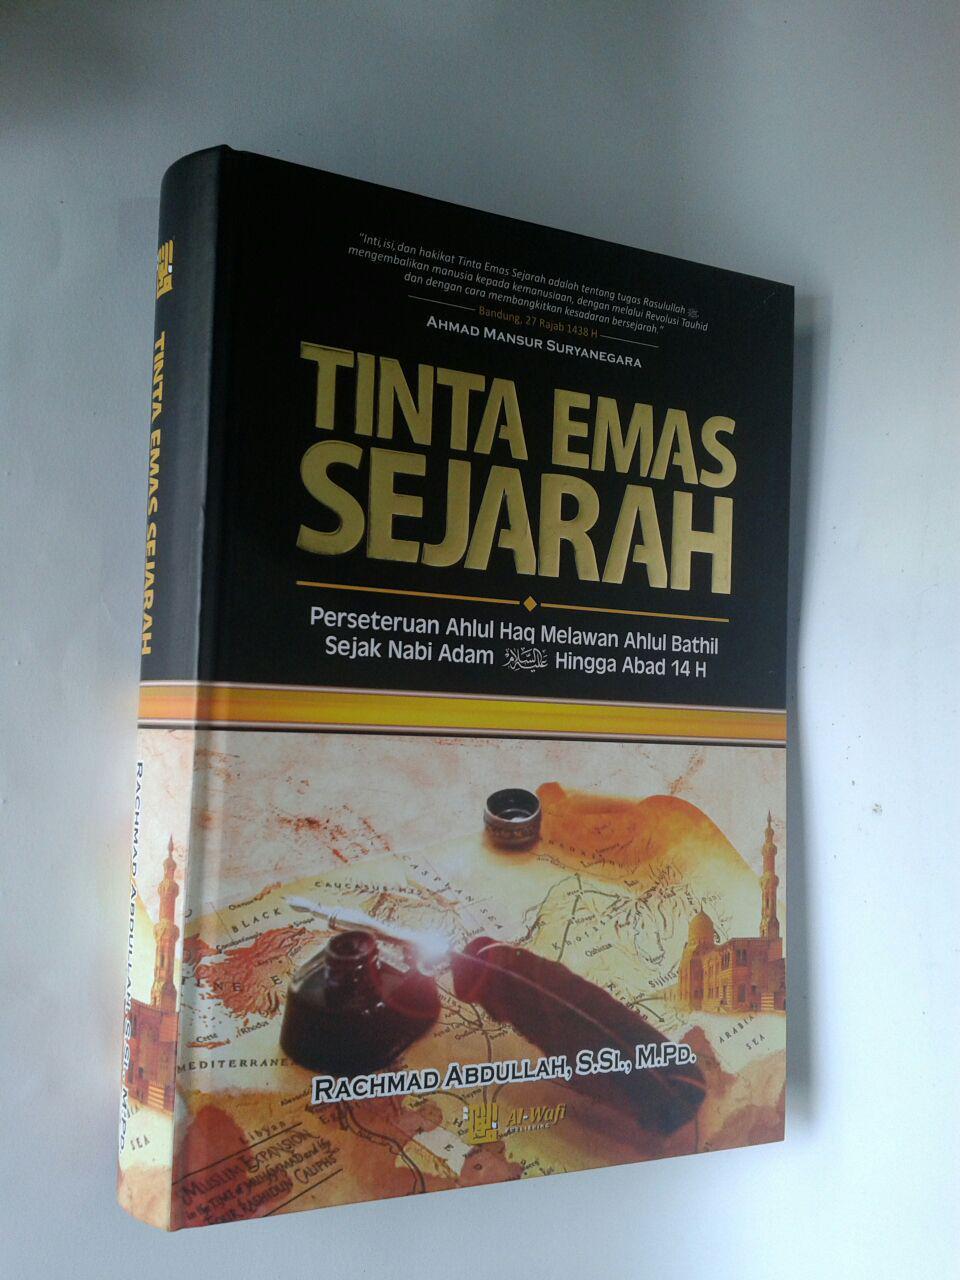 Buku Tinta Emas Sejarah Sejak Nabi Adam Hingga Abad 14 H cover 4